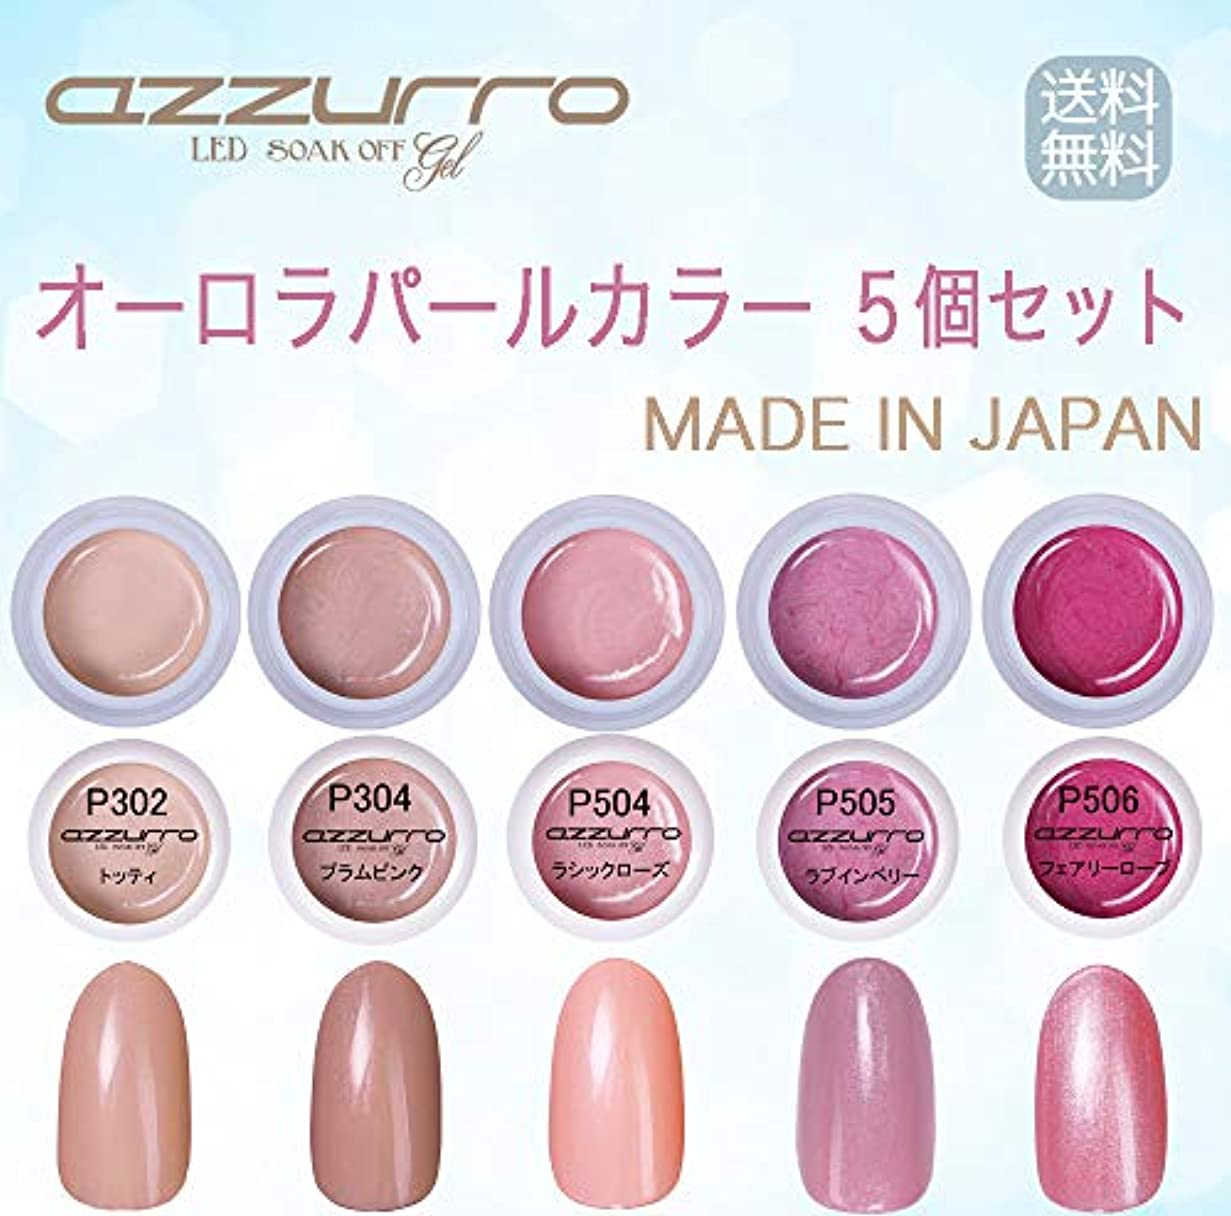 買い手島織る【送料無料】日本製 azzurro gel オーロラパール ジェル5個セット 上品な輝きのパールカラー